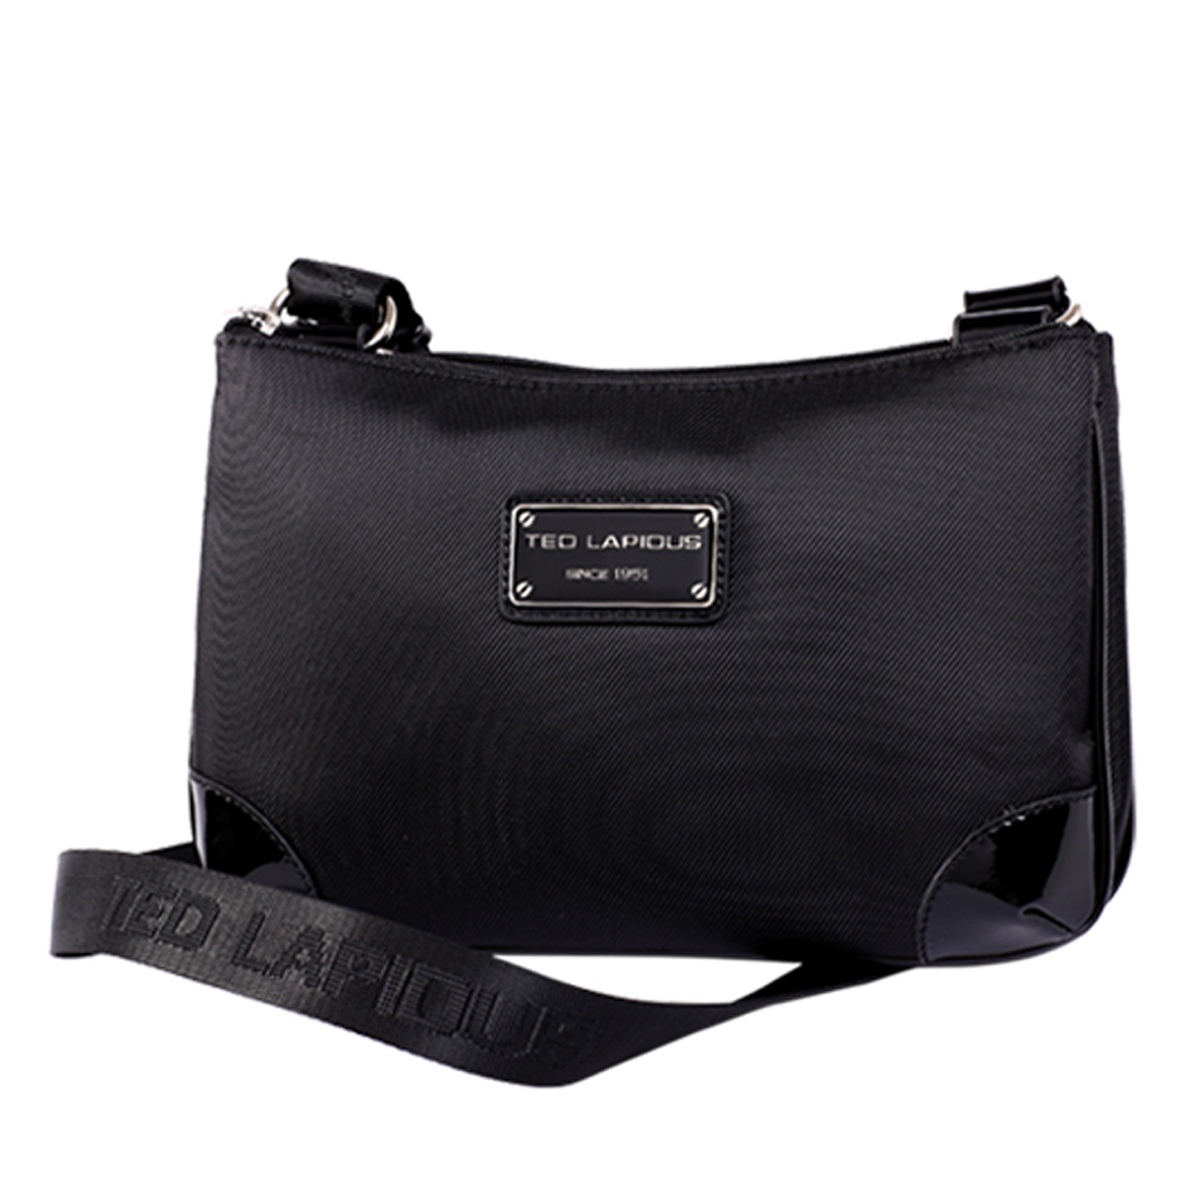 Pochette bandoulière \'Ted lapidus\' noir (2 compartiments) - 30x19x7 cm - [M0195]